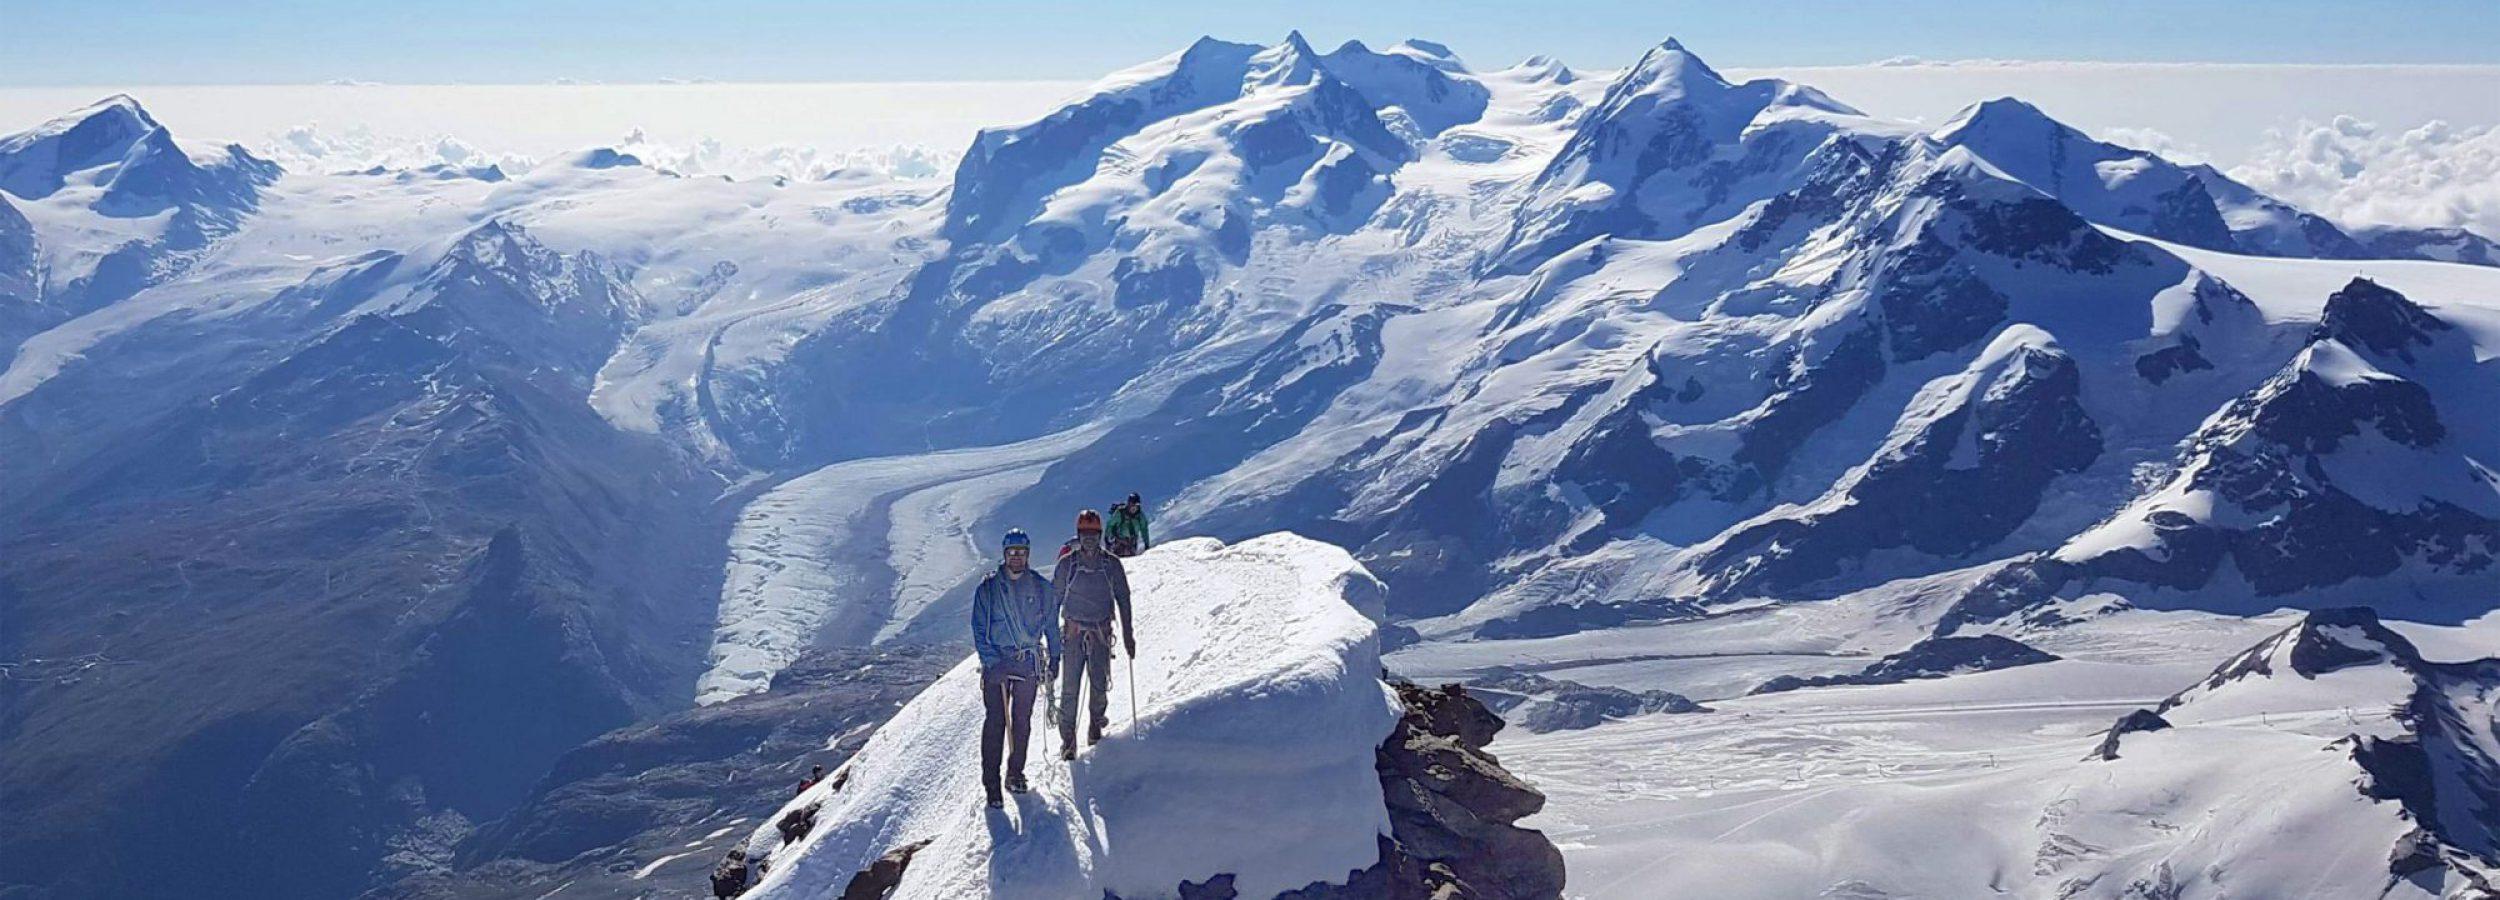 JW on Matterhorn Peak